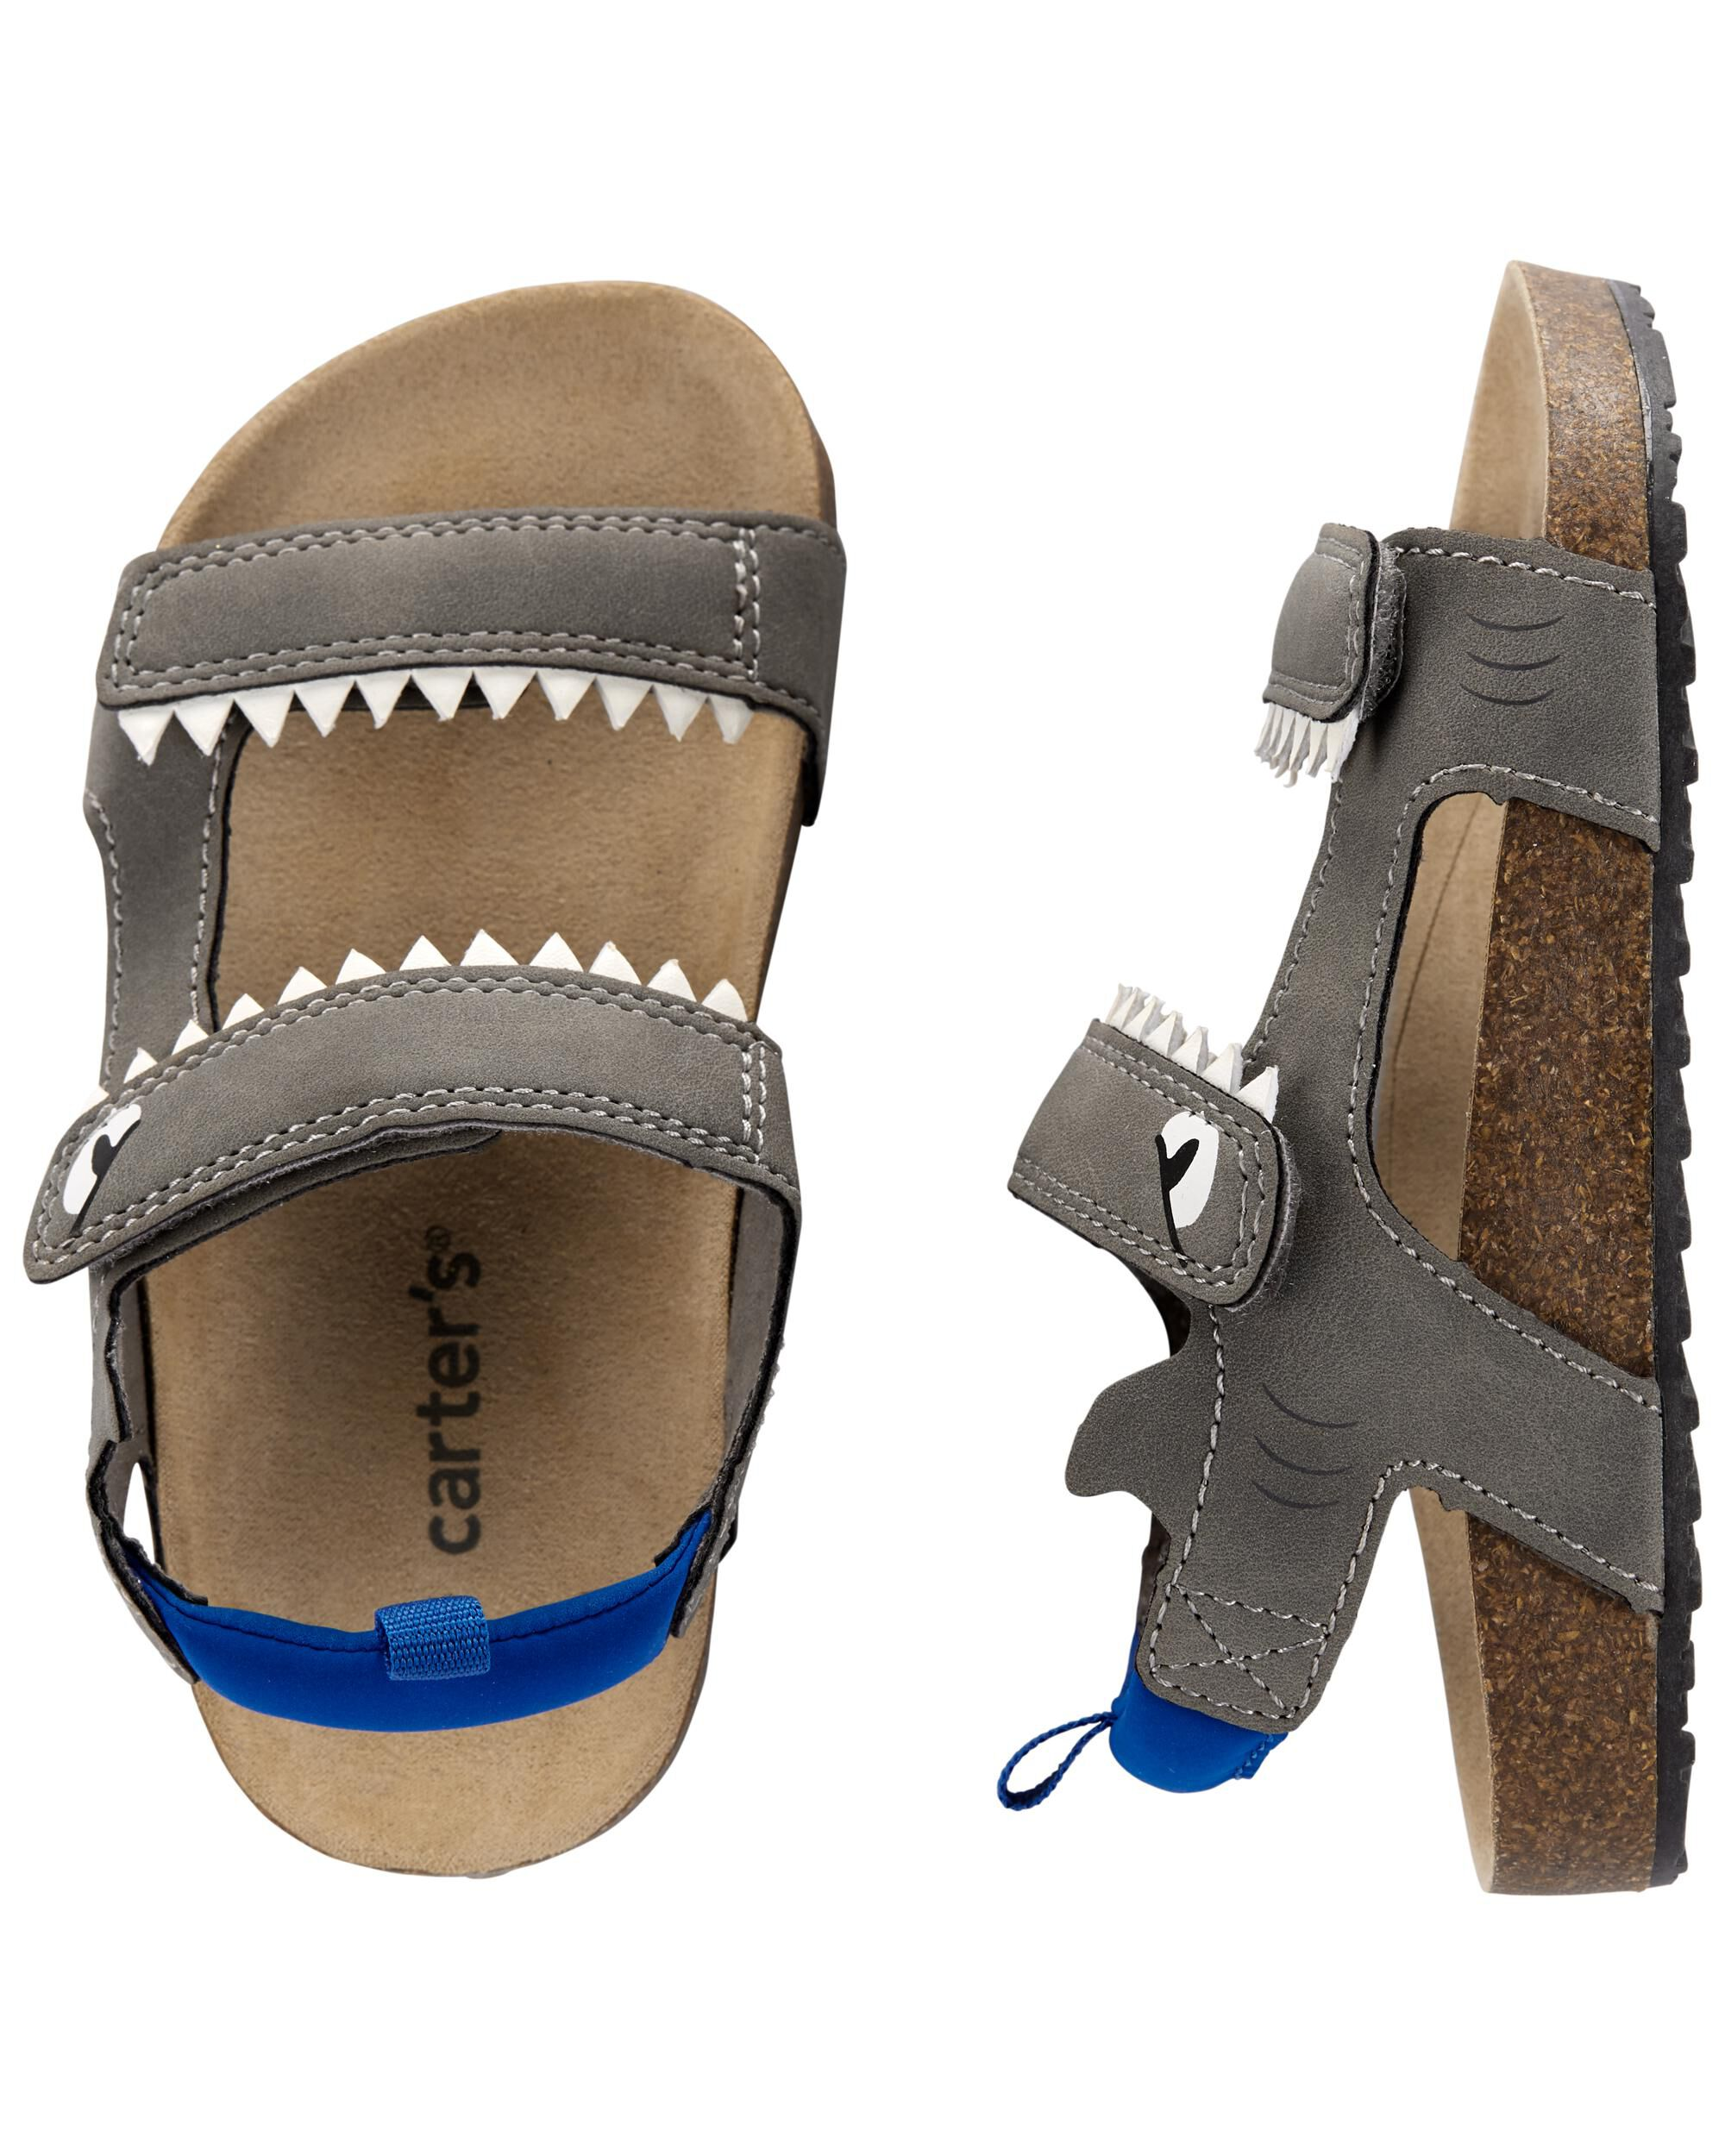 Carters Shark Play Sandals